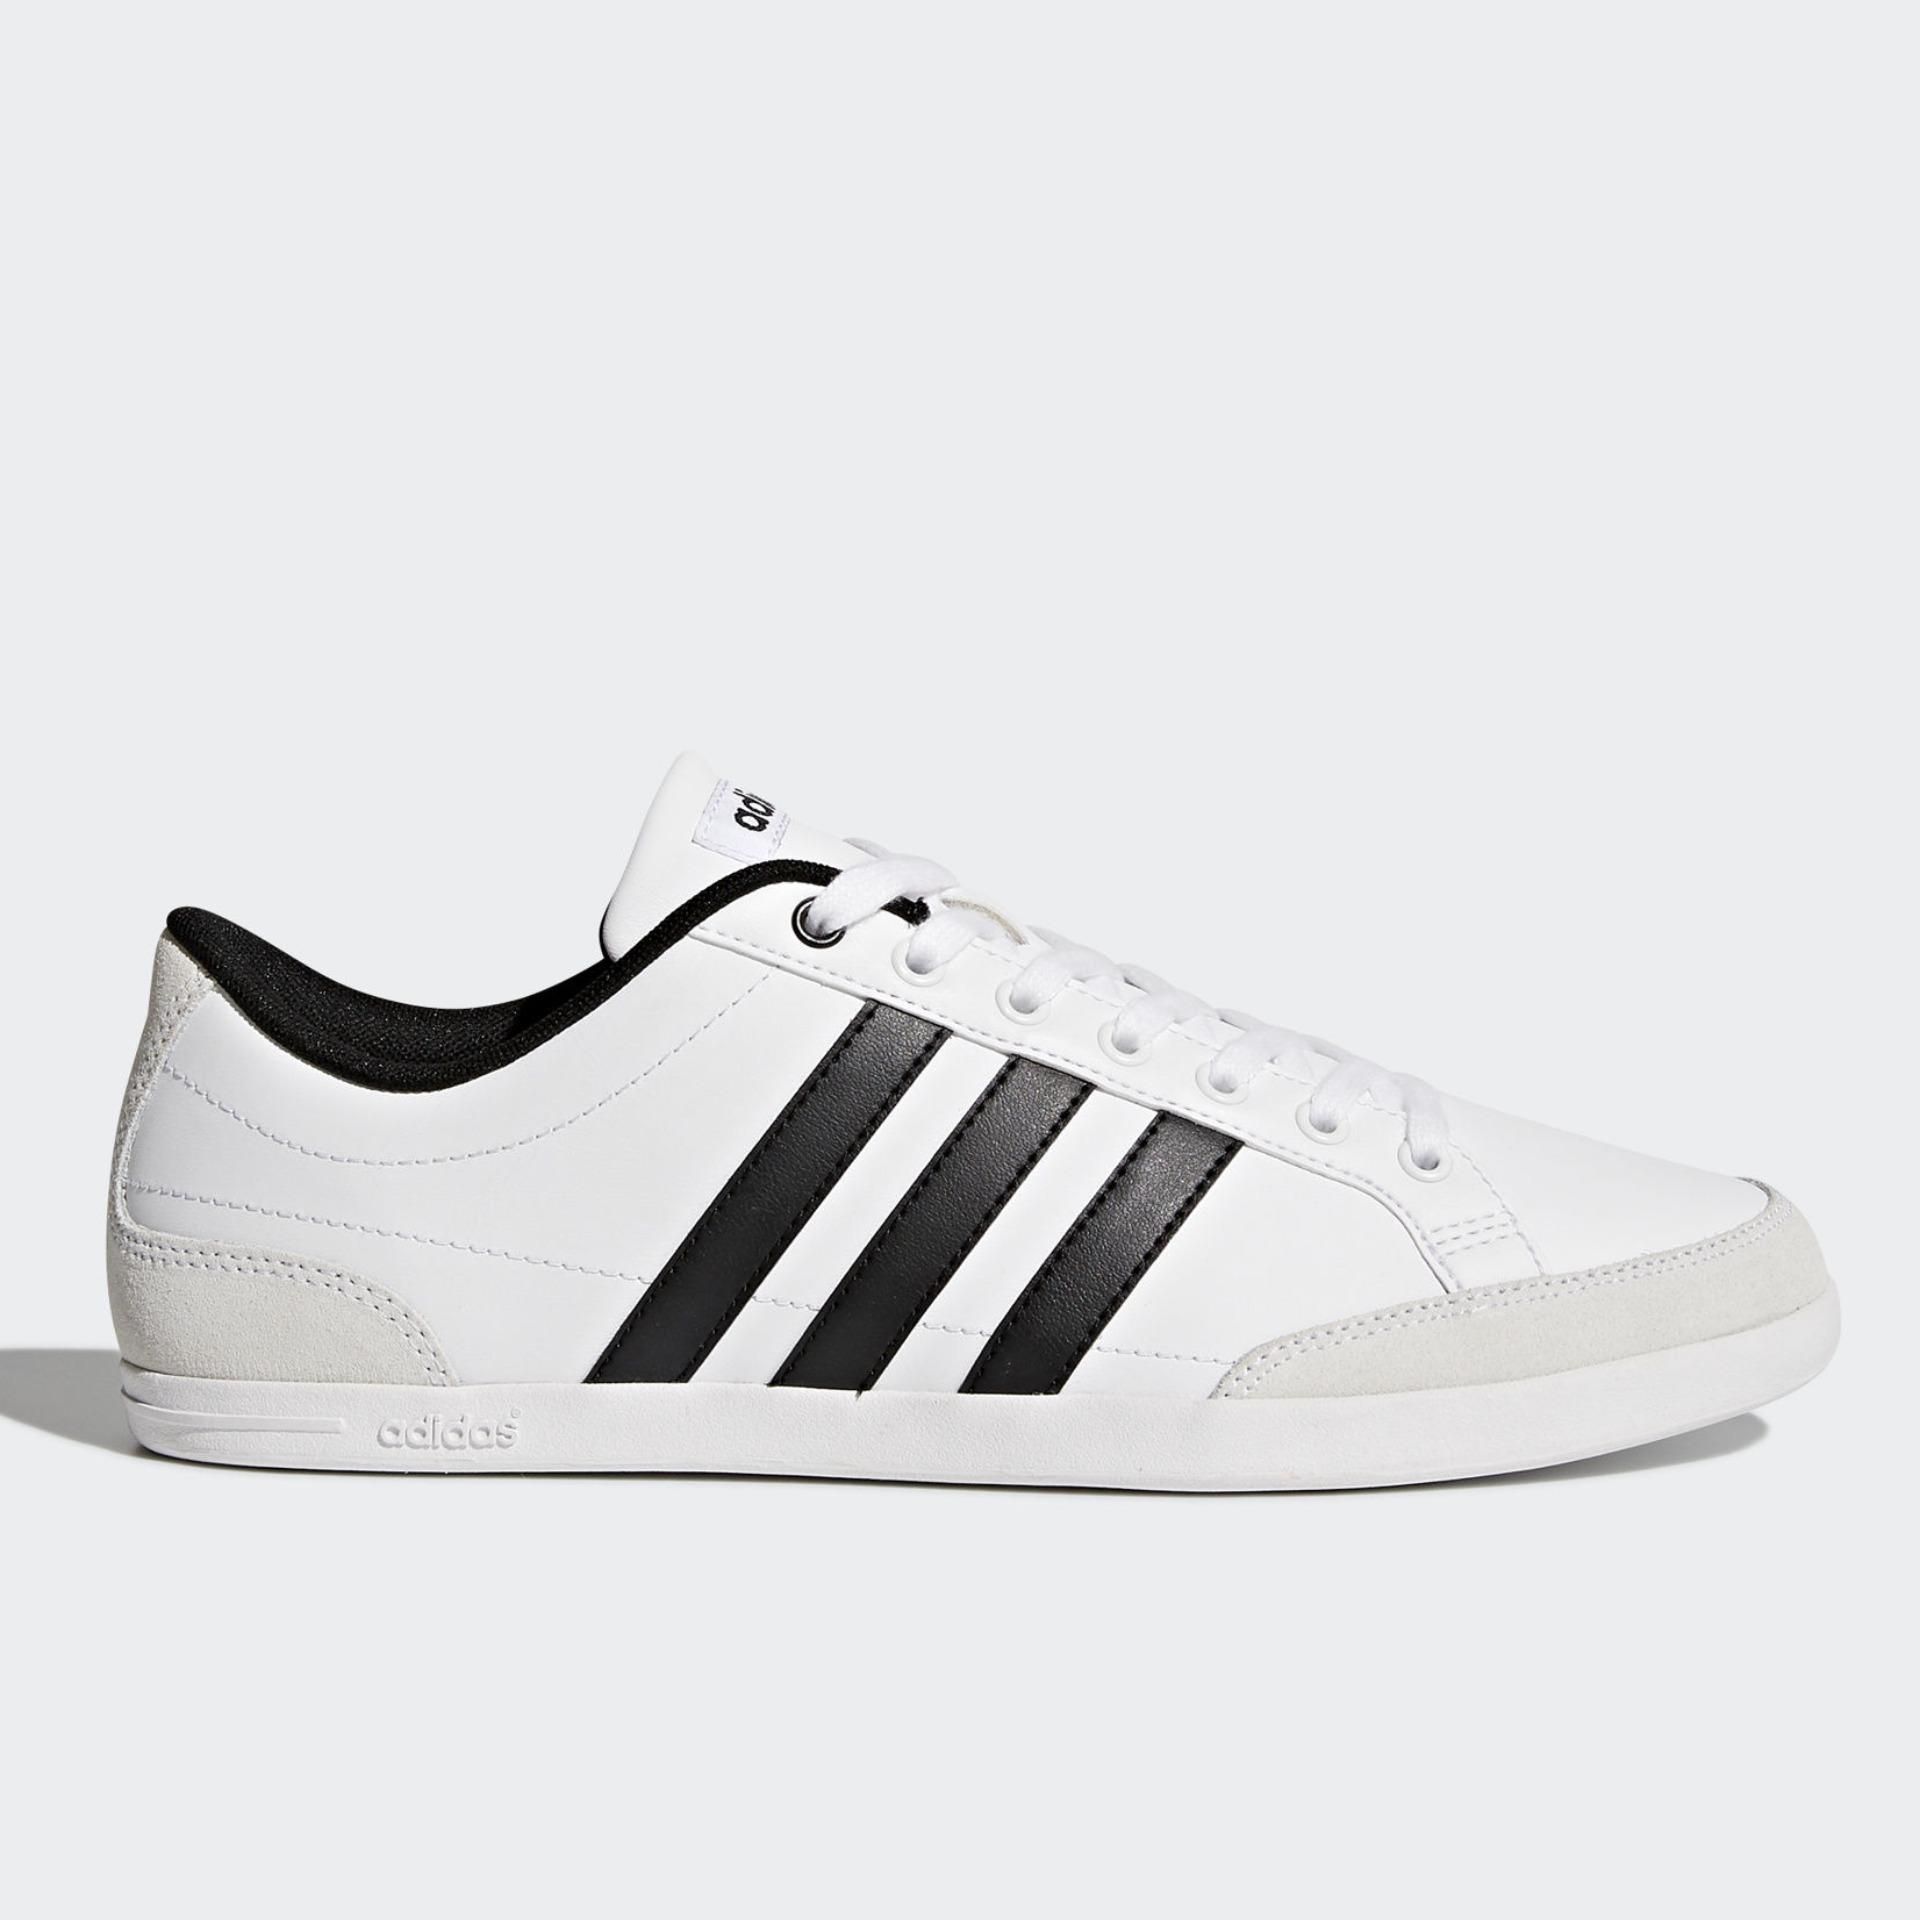 Spesifikasi Adidas Sepatu Sneaker Adineo Caflaire Bb9705 Putih Yang Bagus Dan Murah